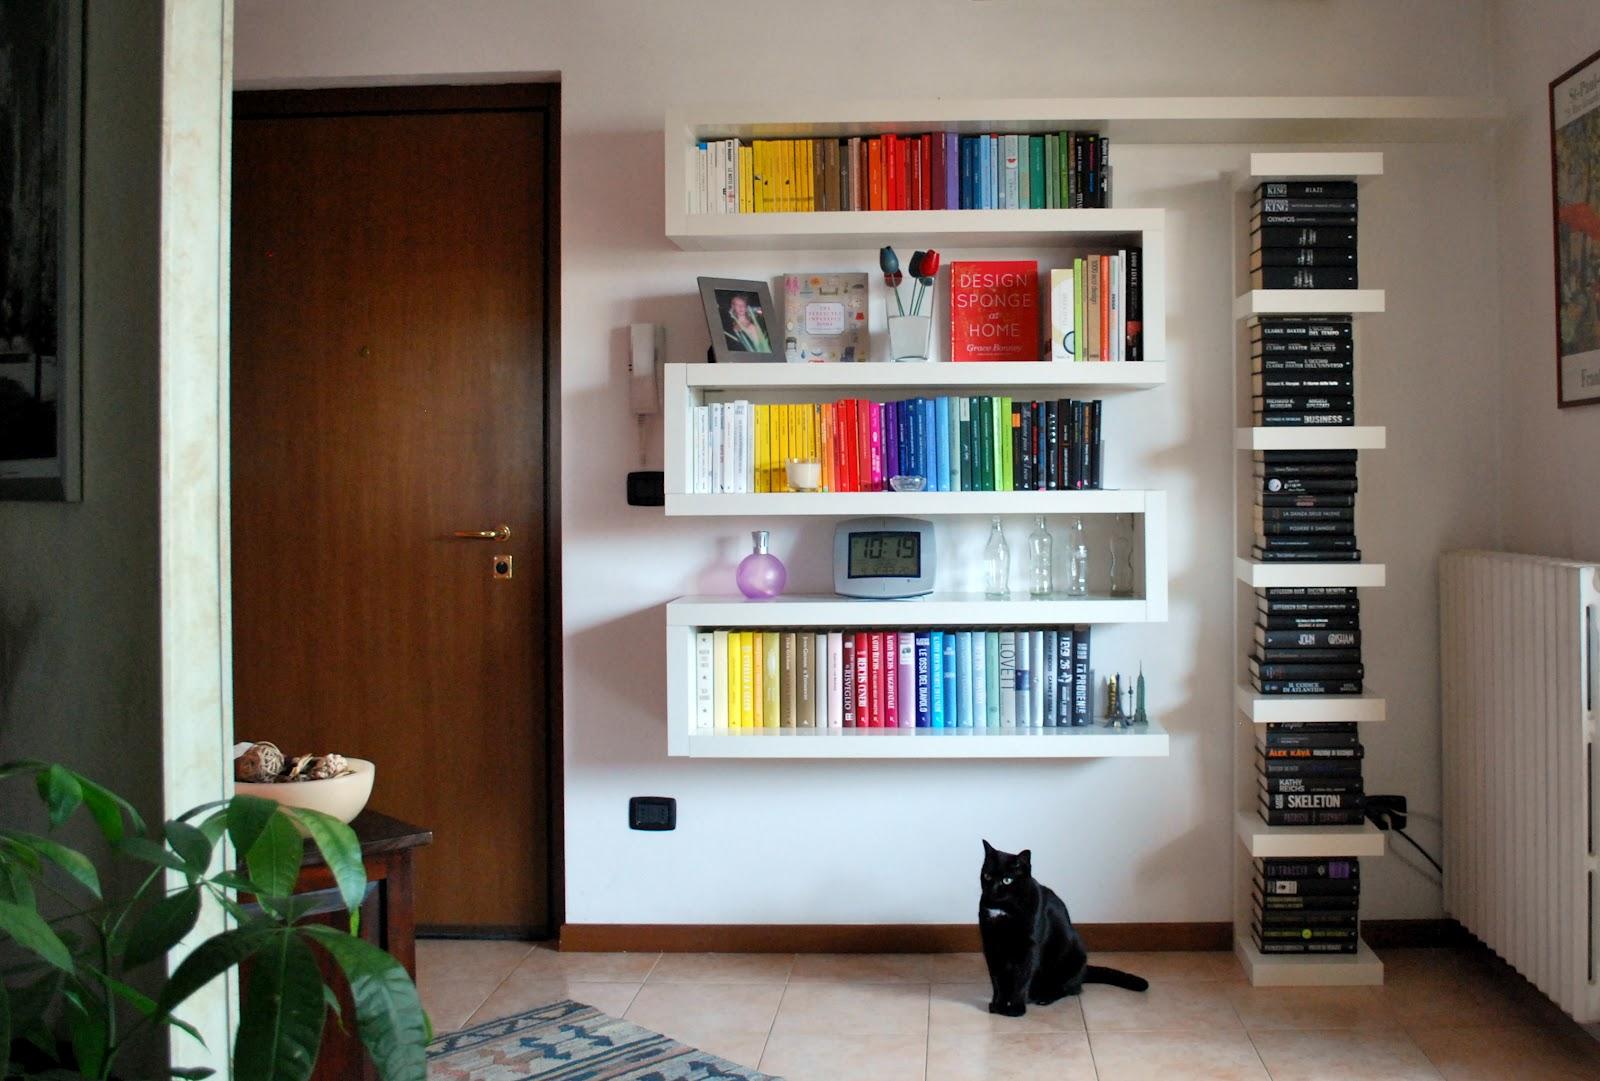 Le donne non sanno scrivere la mia nuova libreria non for Mensole ikea lack